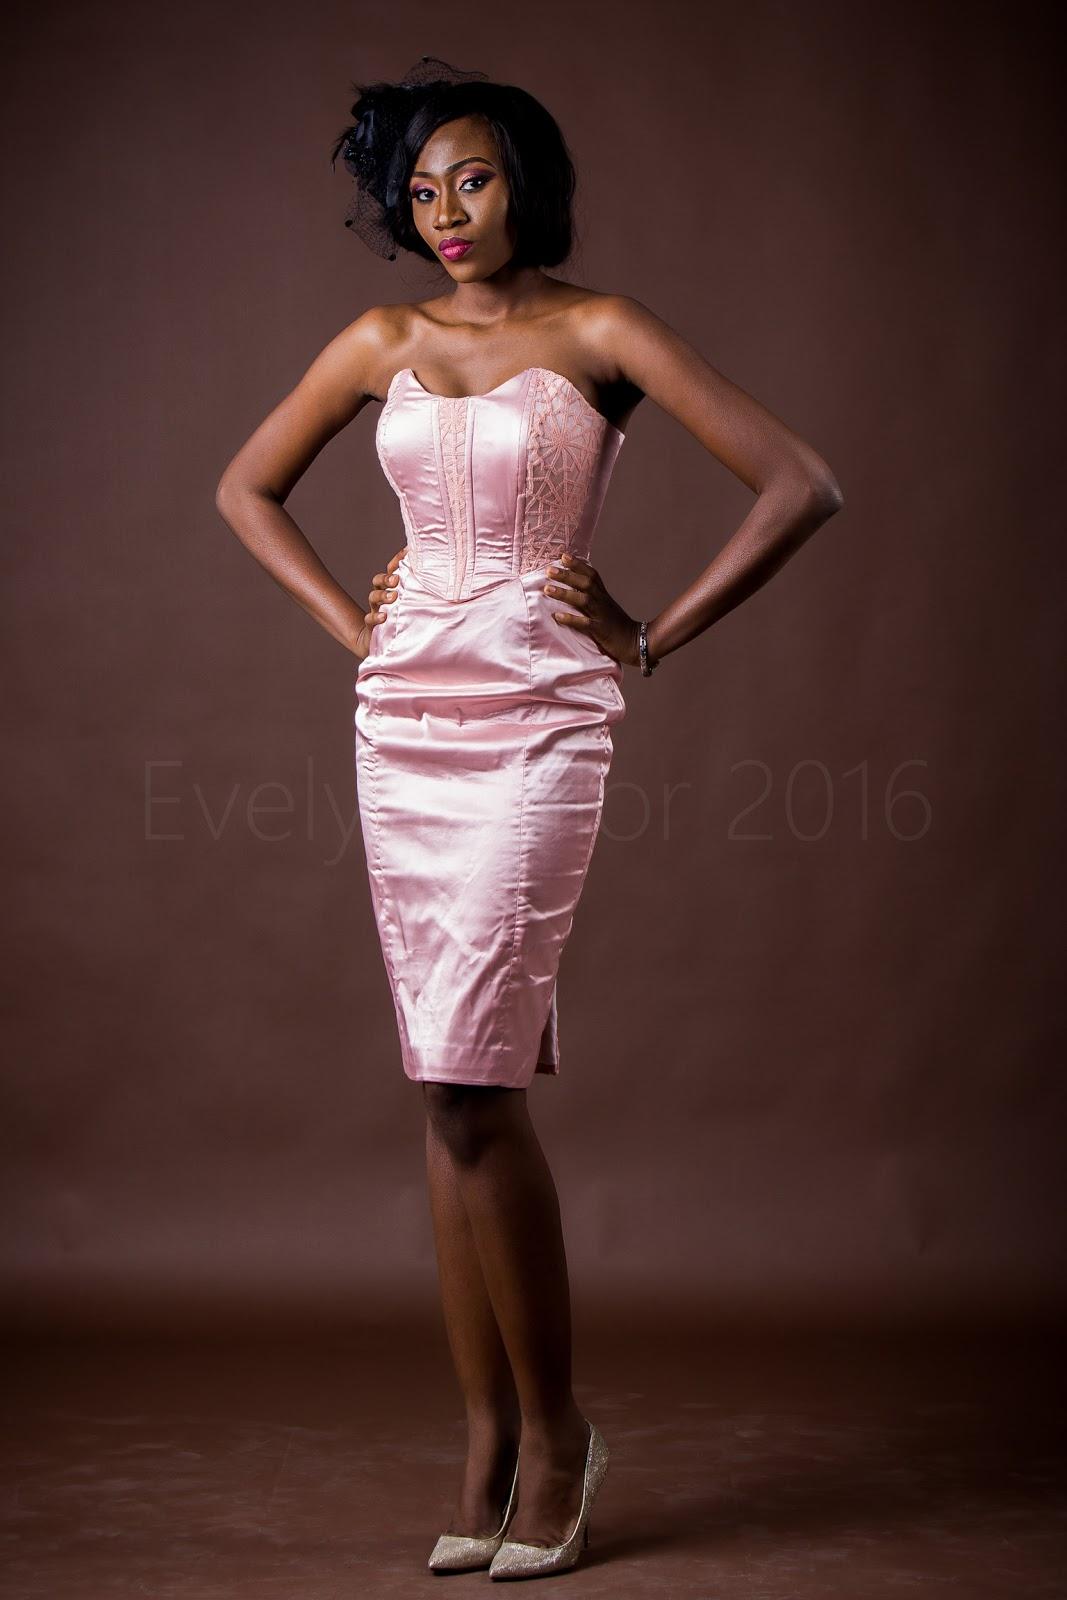 Eden Wedding Dresses 76 Superb BIO EvelynTailor is a